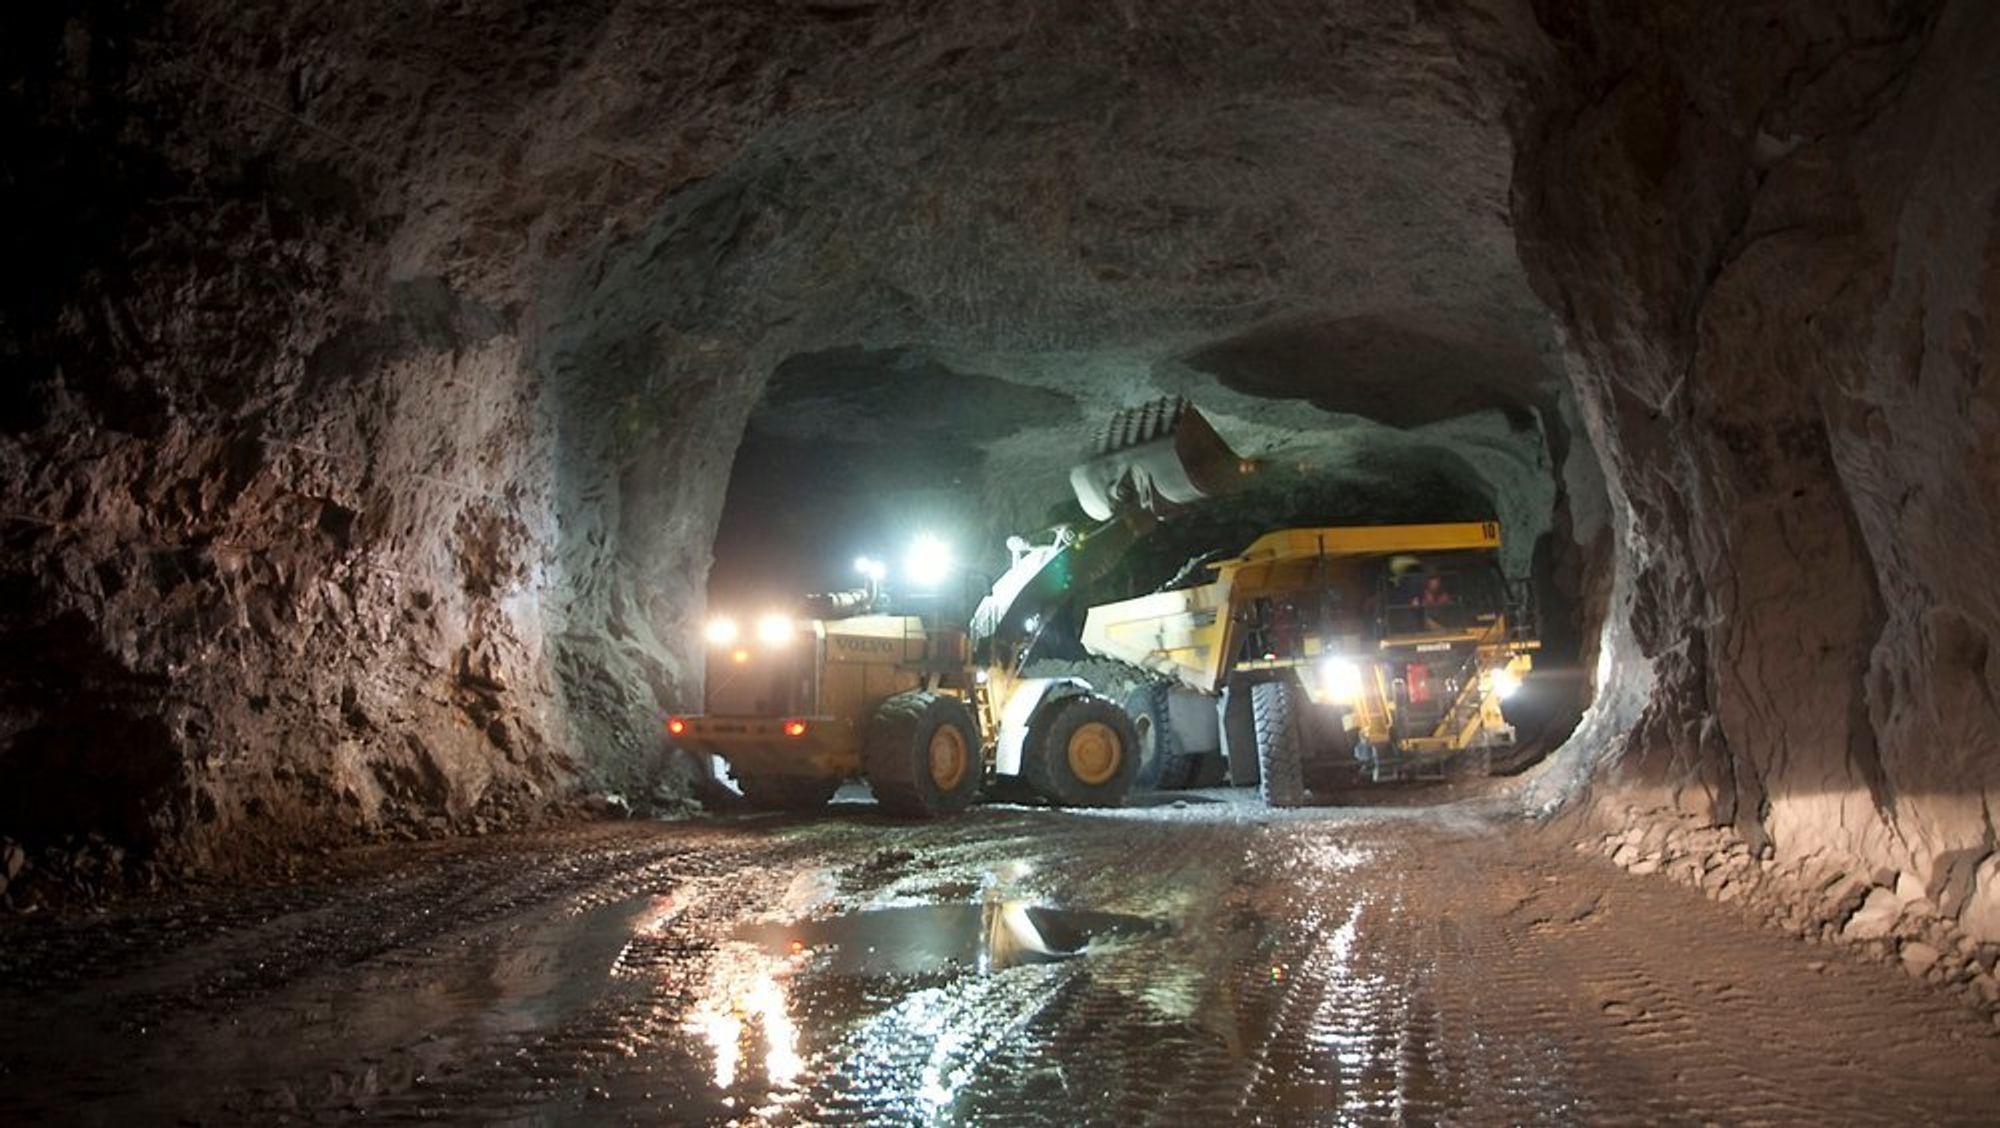 Dalen gruver er foreslått som deponi for farlig avfall når deponiet på Langøya snart er fullt. Artikkelforfatteren mener gruvene ikke egner seg til slik lagring.